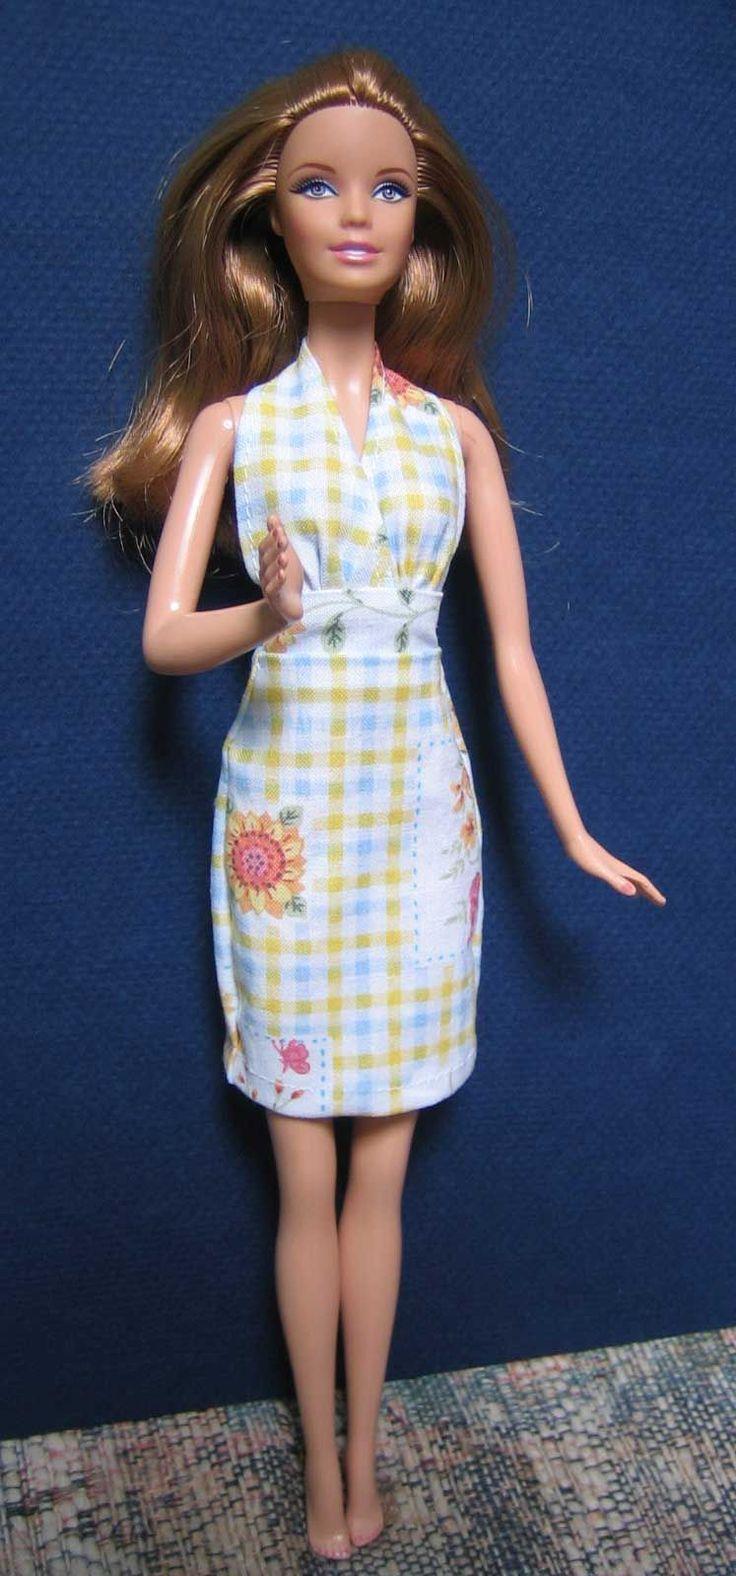 Fashion doll sewing patterns free 25